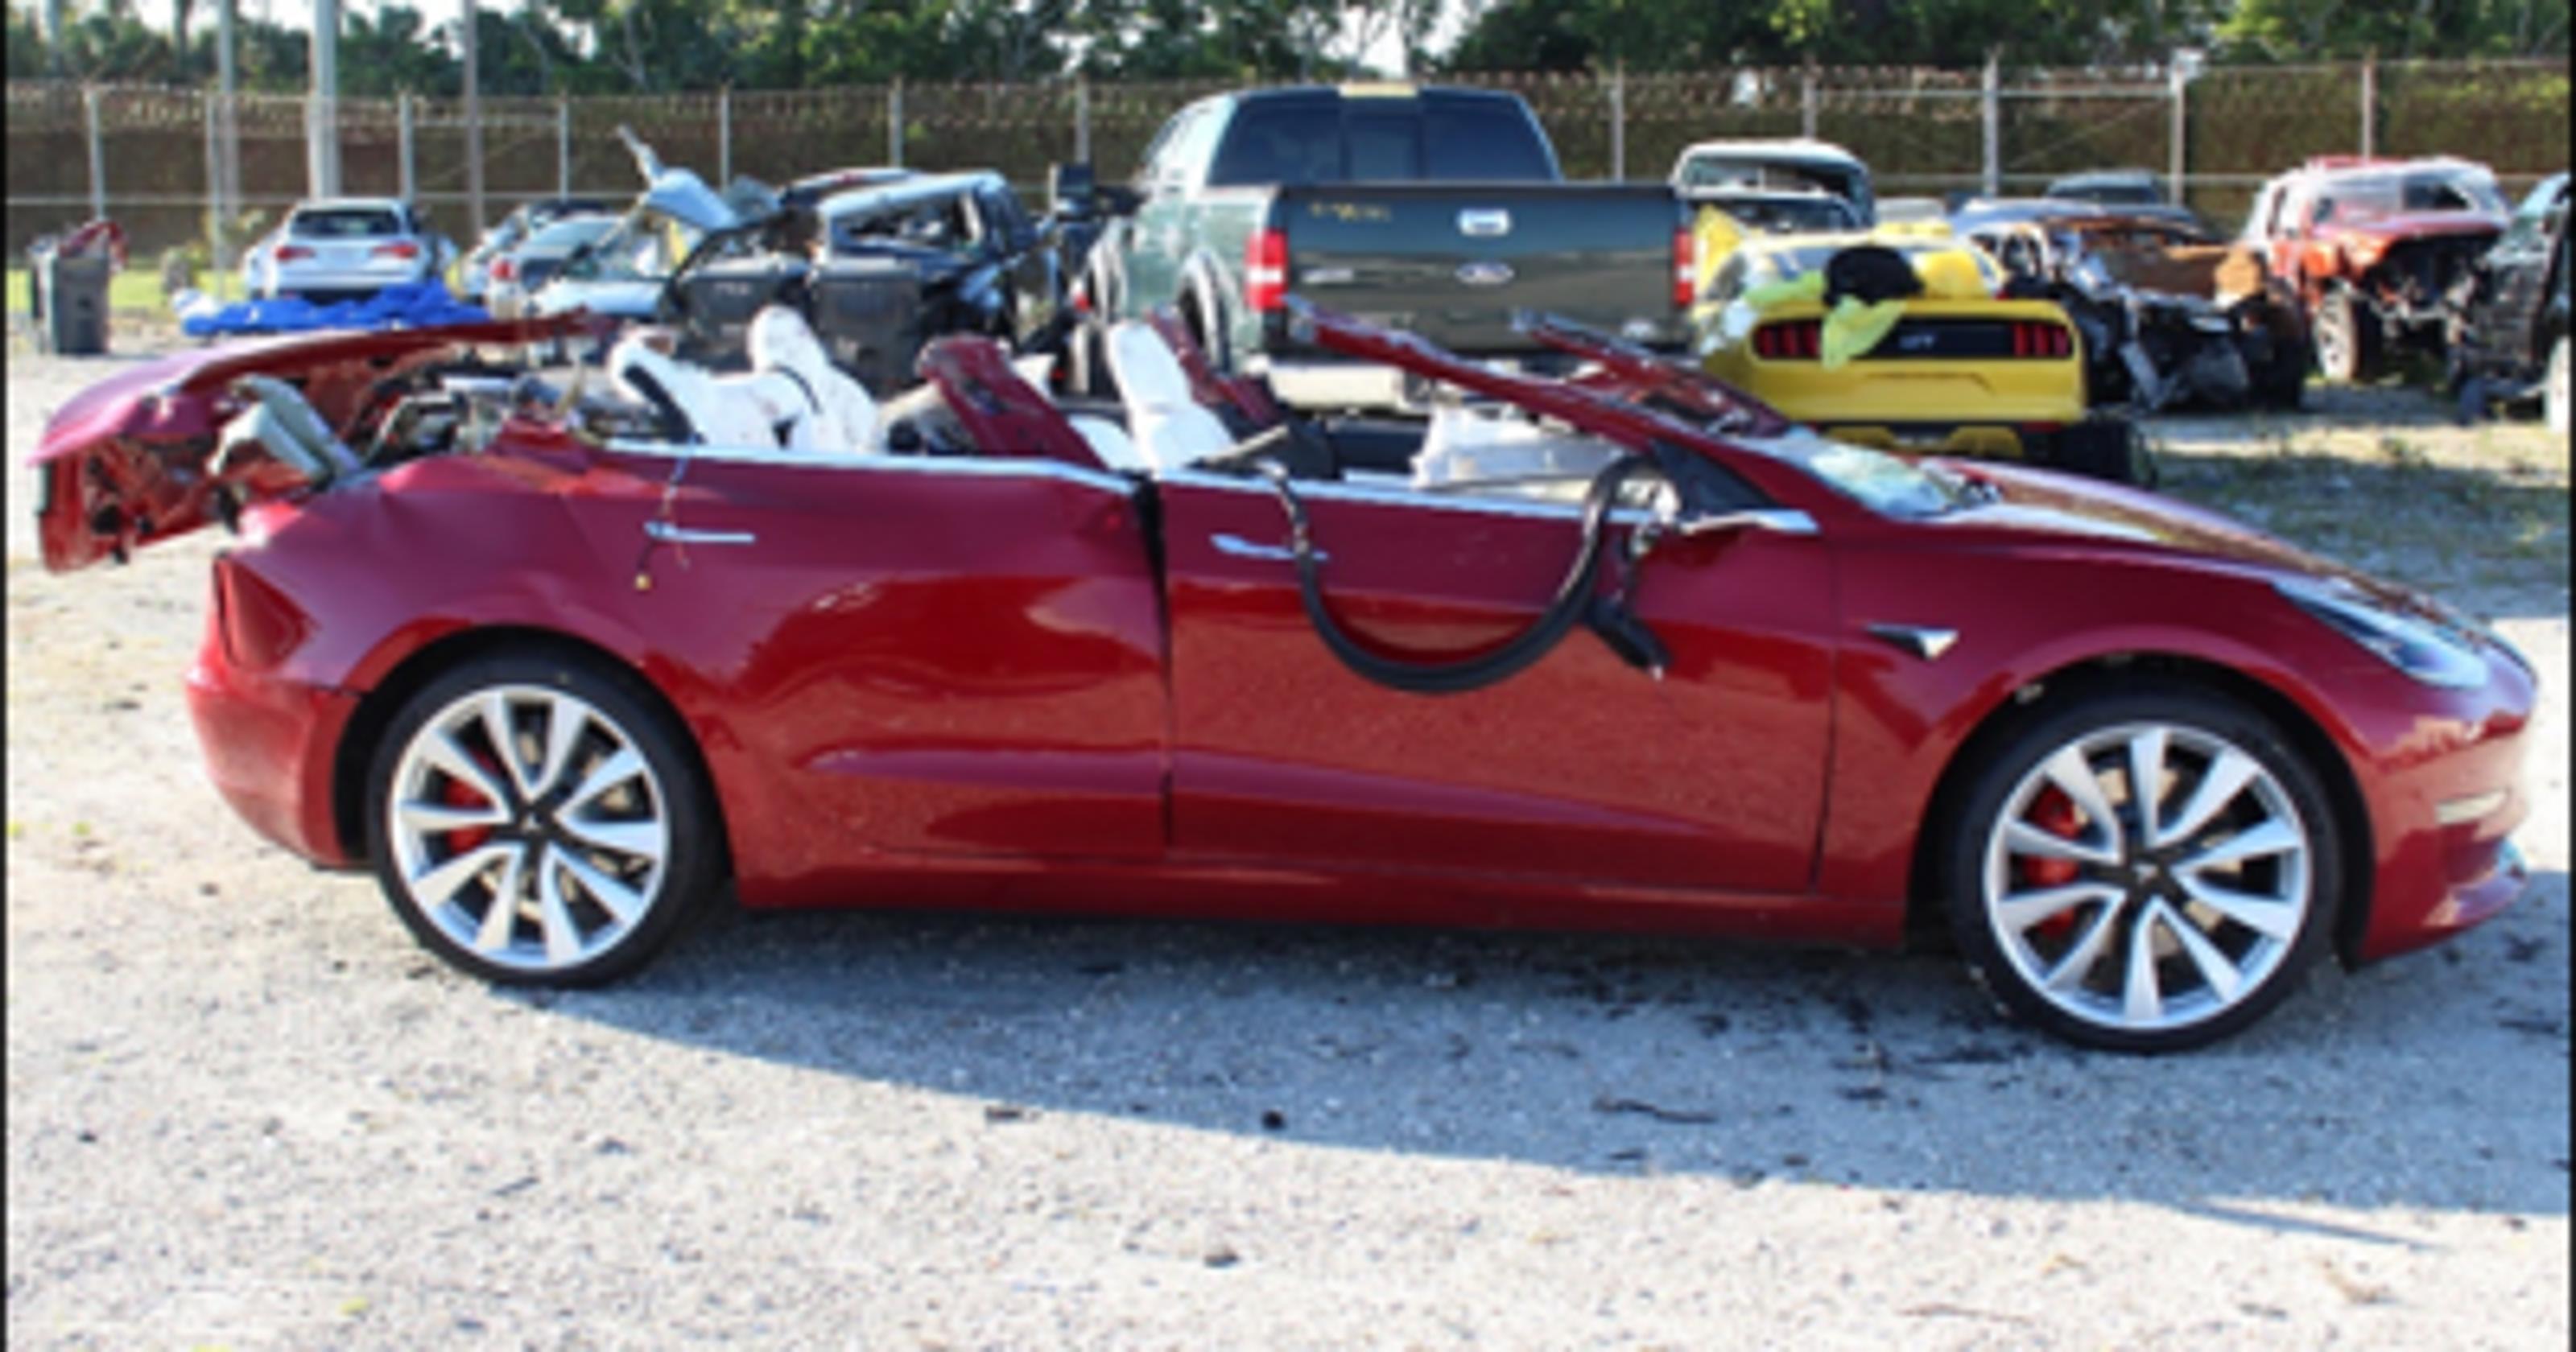 Tesla's Autopilot was active during fatal Model 3 crash